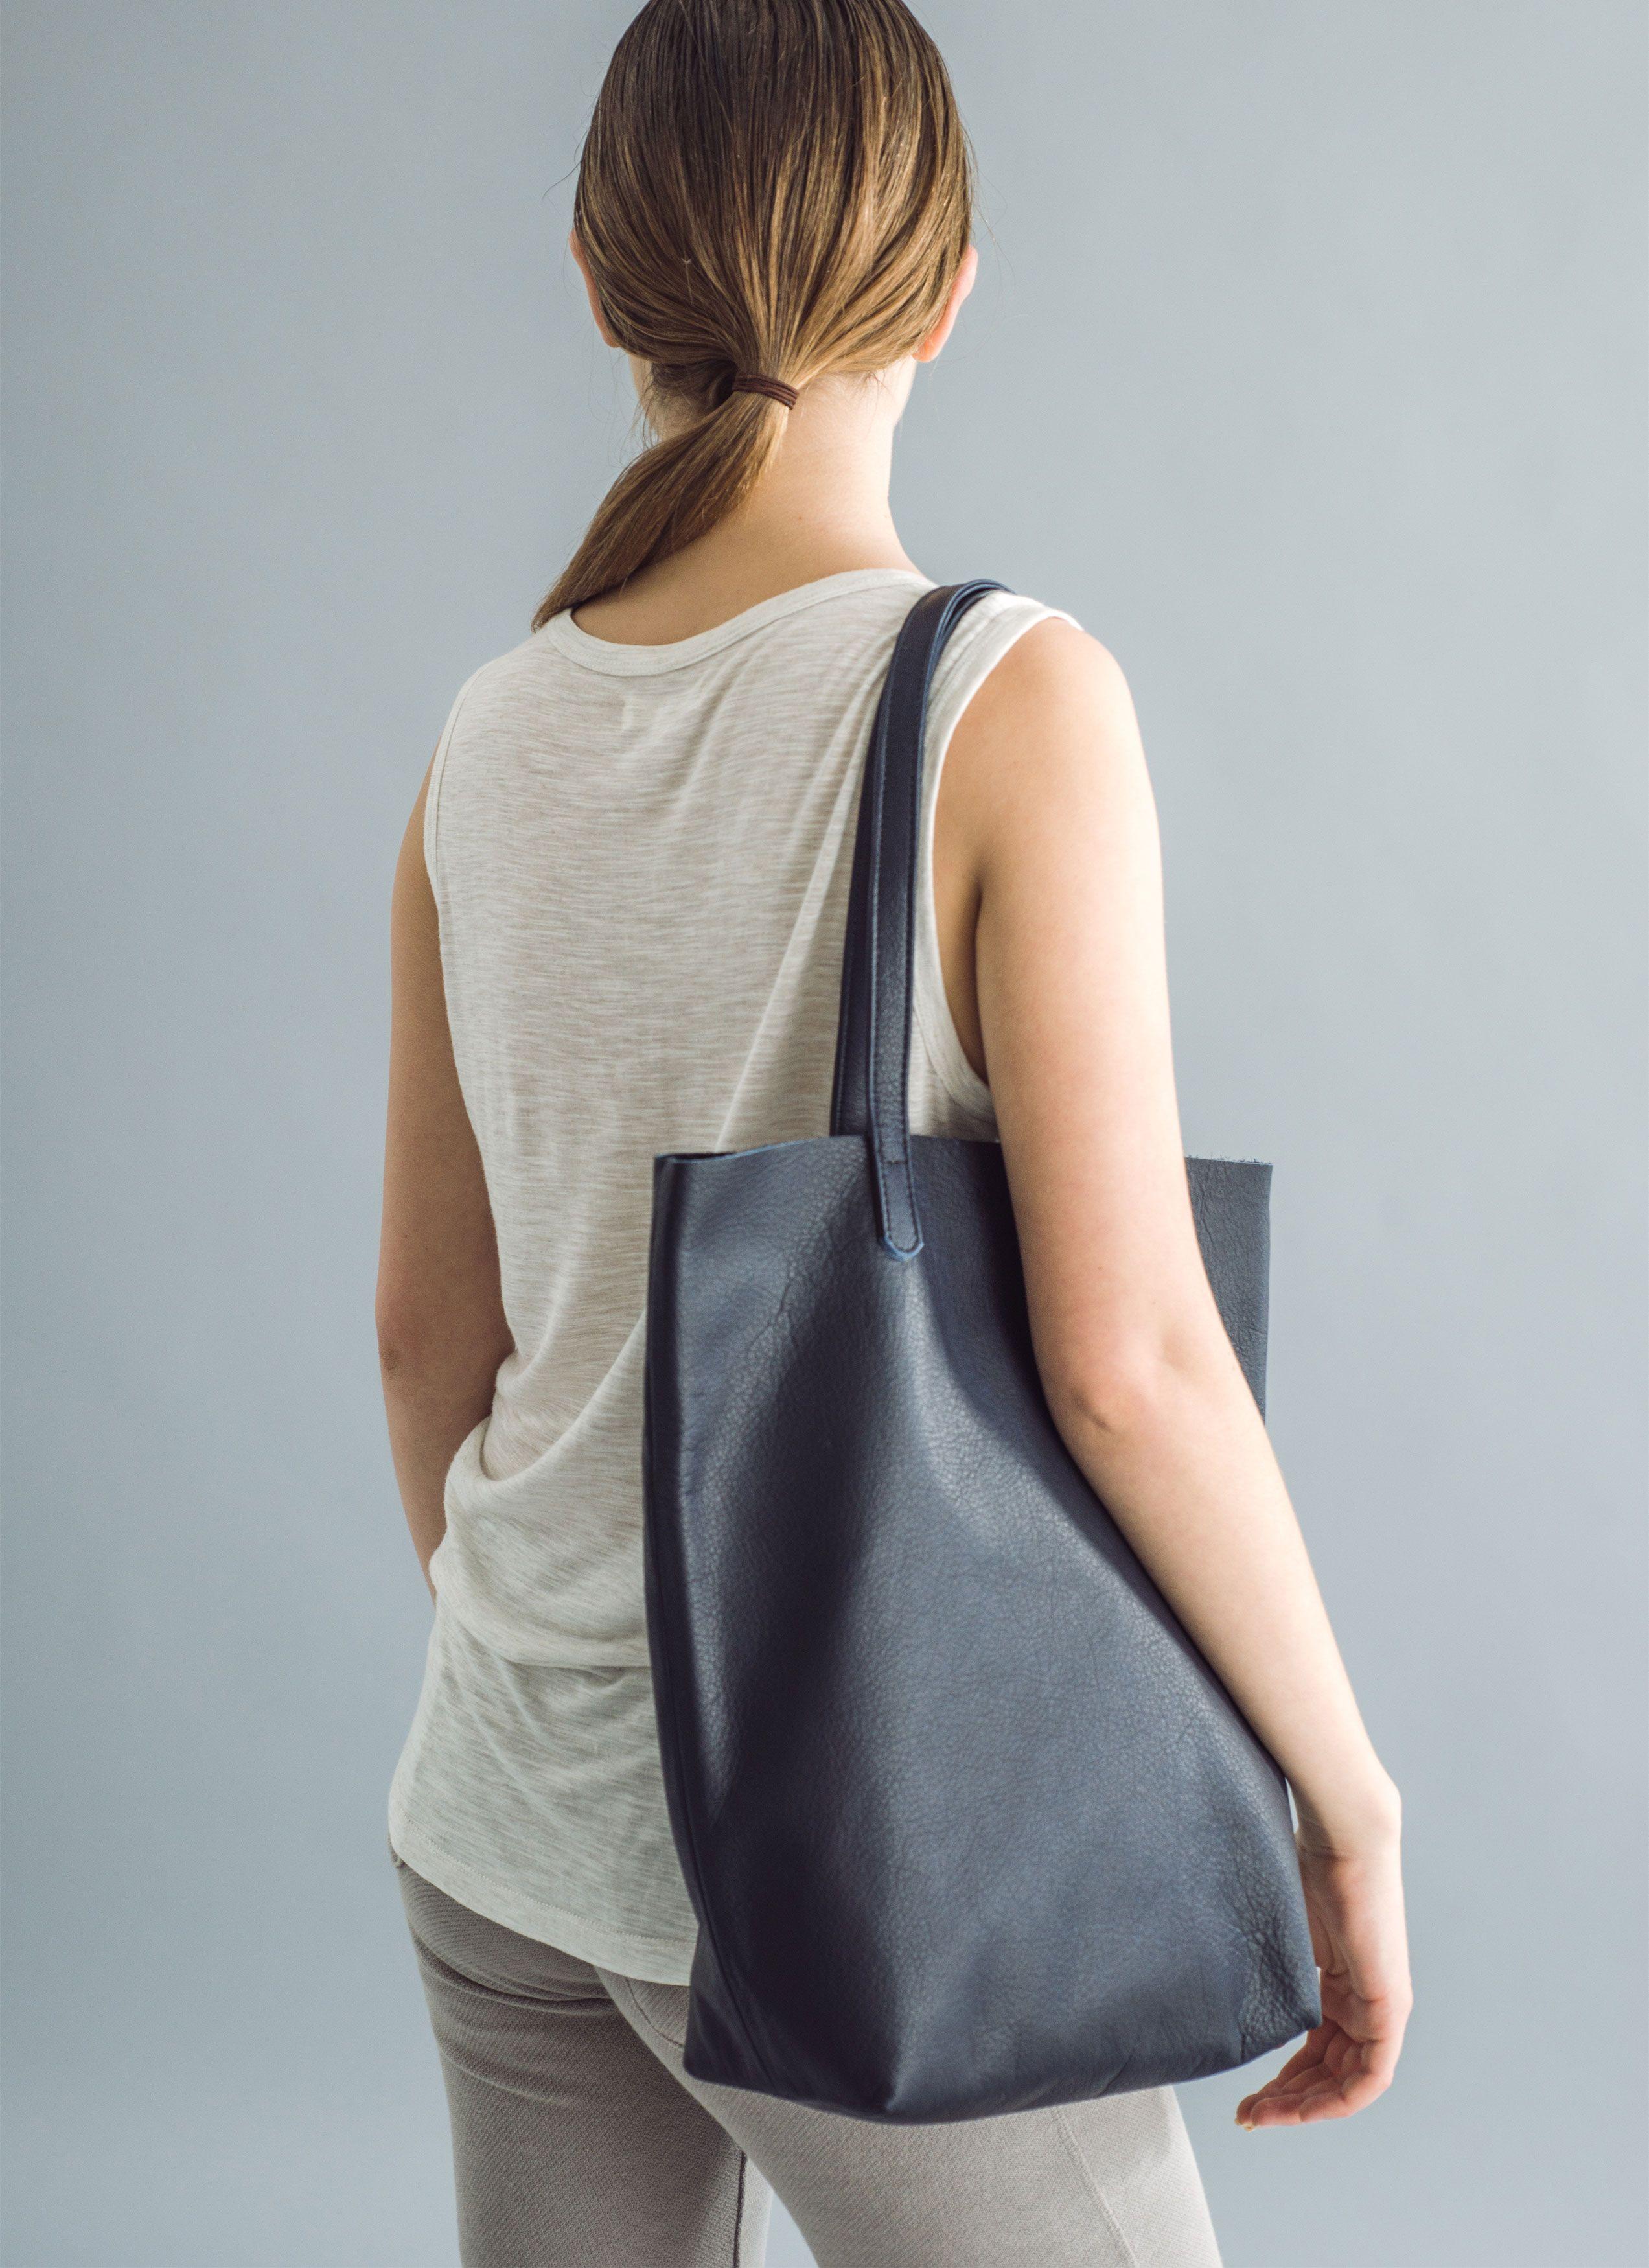 Baggu BASIC TOTE, LEATHER | Taschen und Transporter